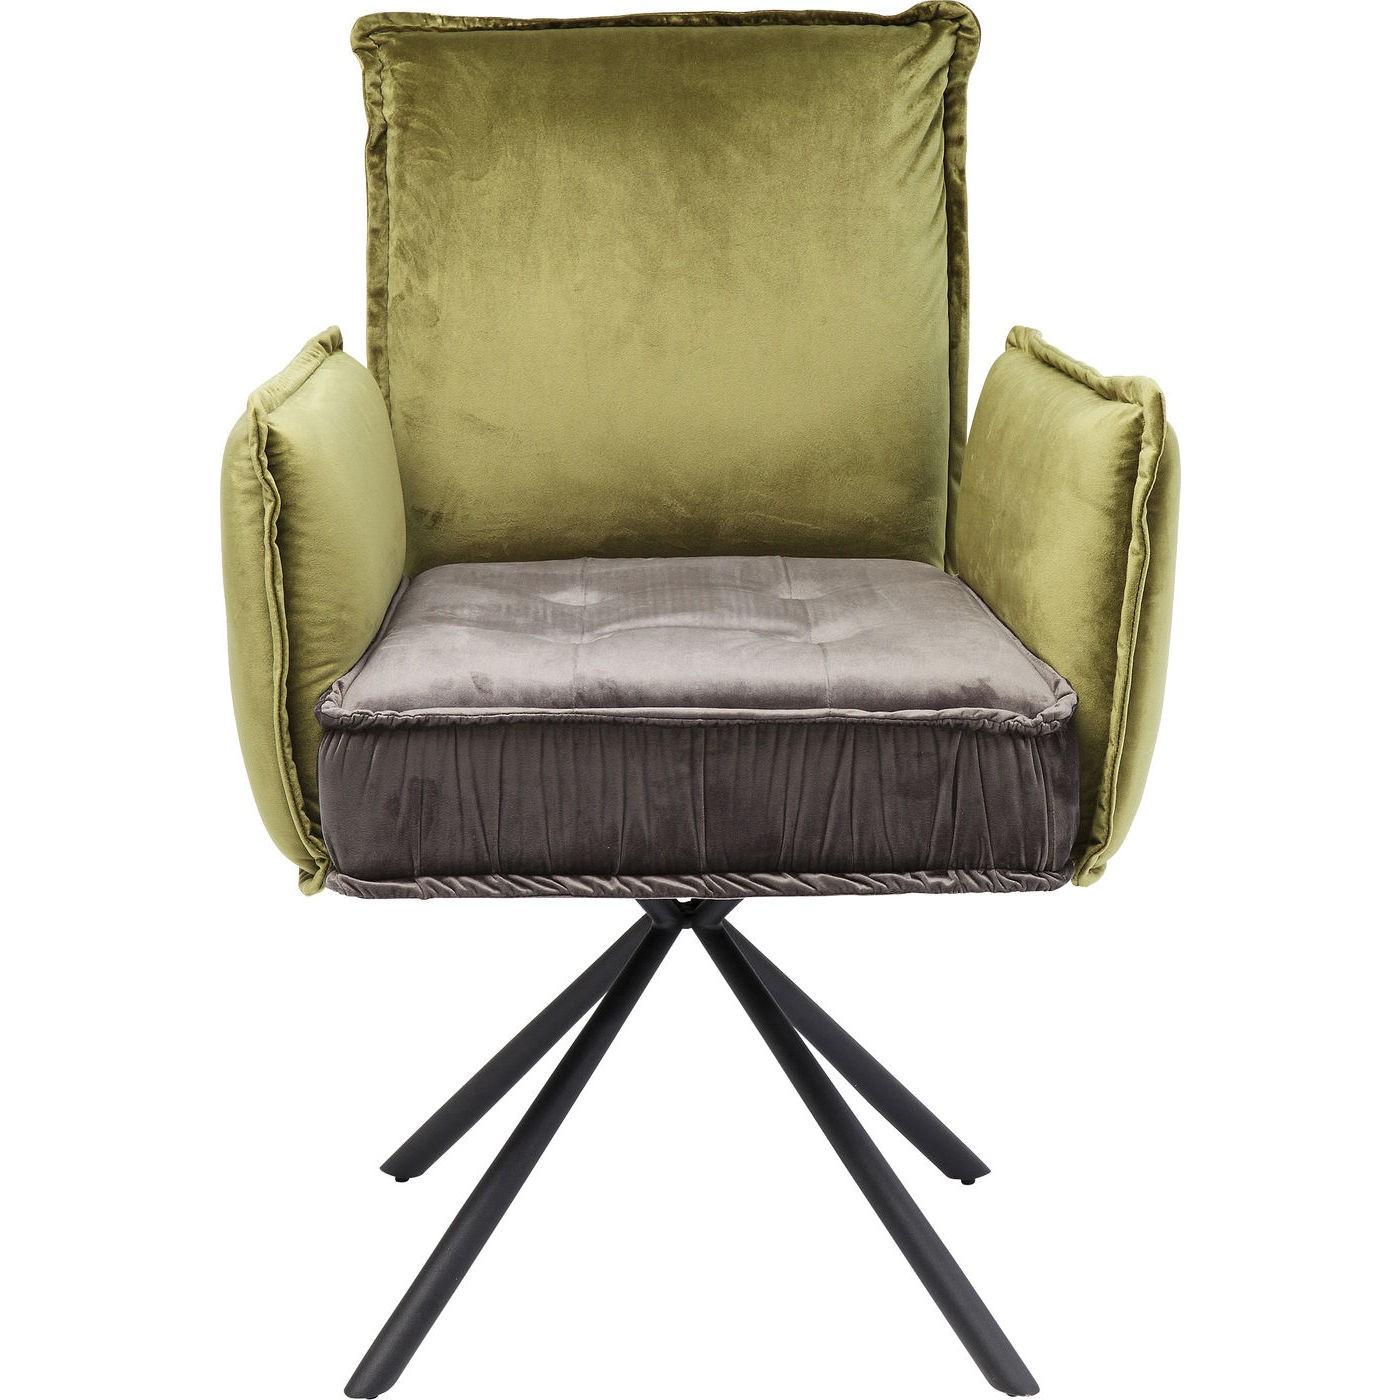 maison du monde Chaise avec accoudoirs en velours vert/gris et acier